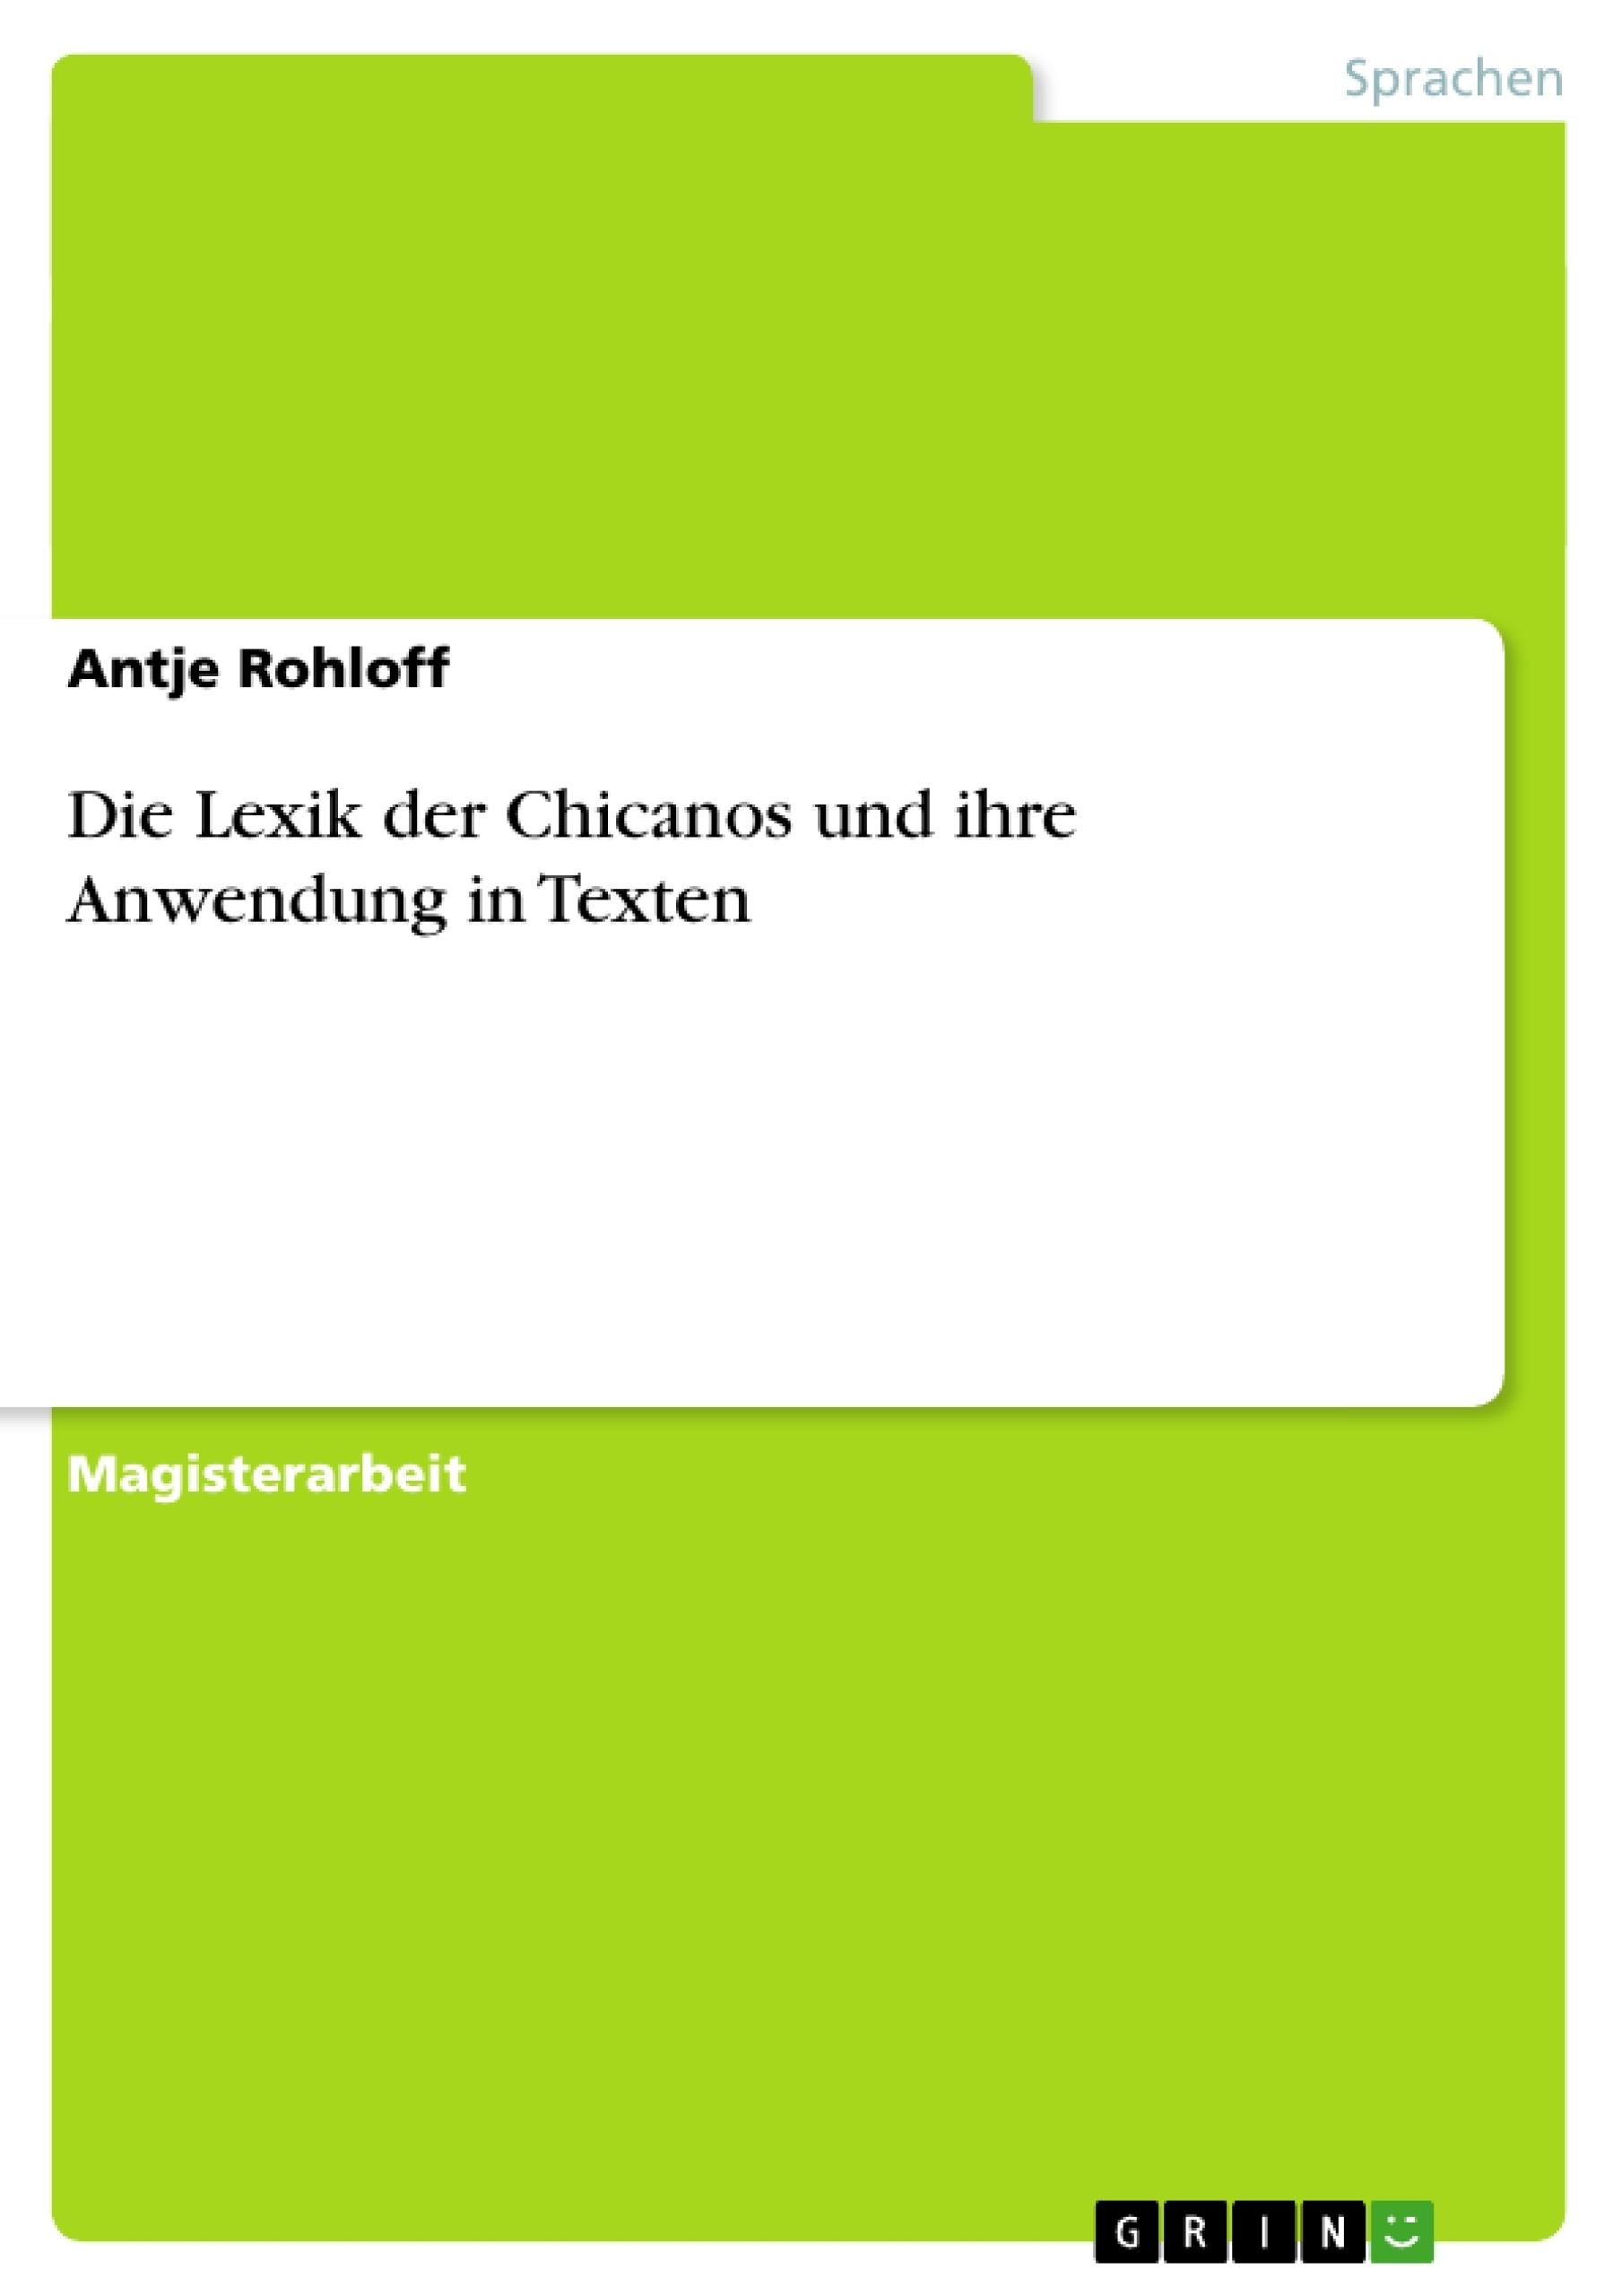 Die Lexik der Chicanos und ihre Anwendung in Texten | Masterarbeit ...